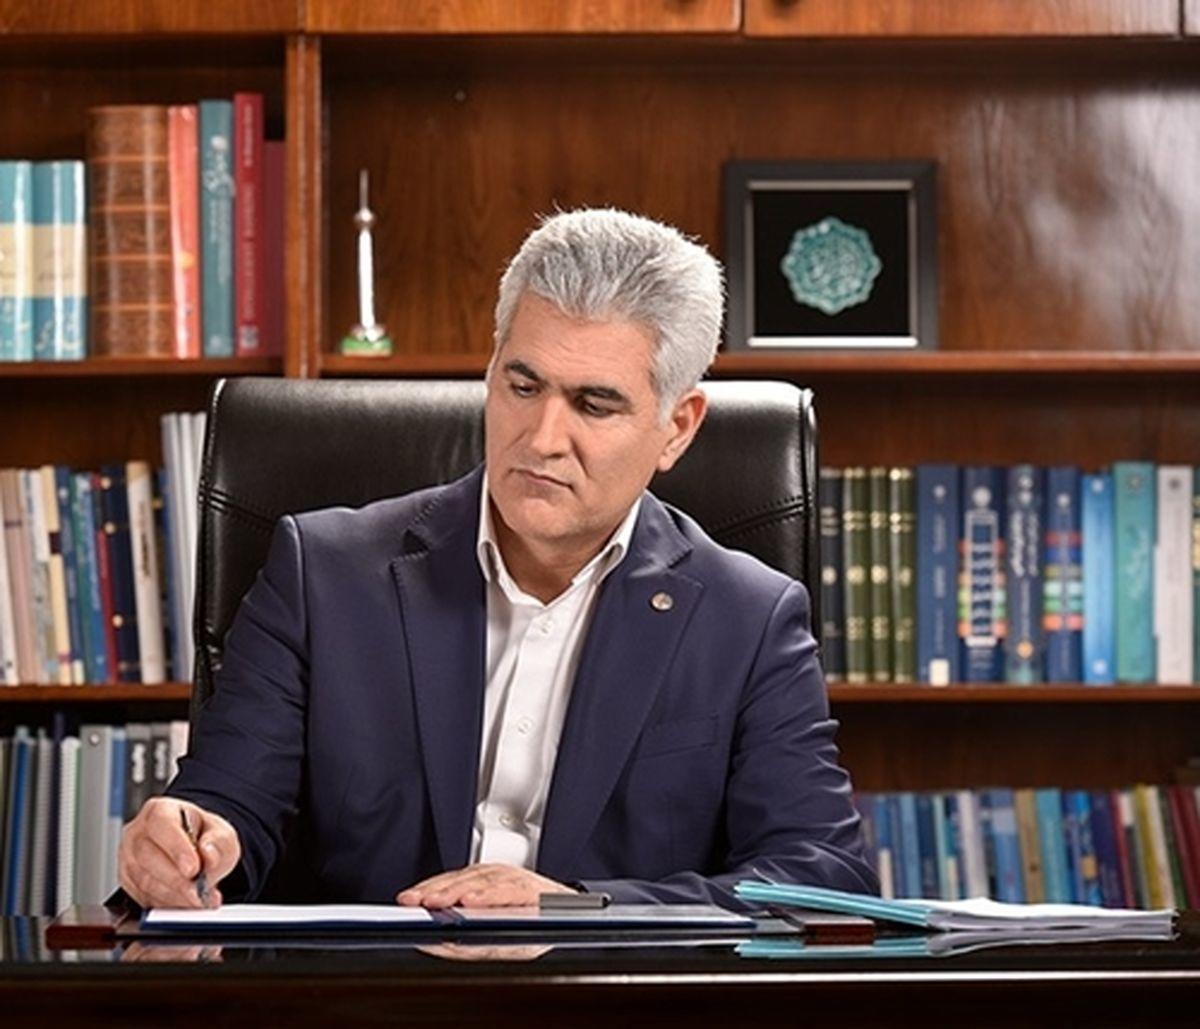 پیام تبریک مدیرعامل پست بانک ایران به مناسبت فرارسیدن هفته دفاع مقدس